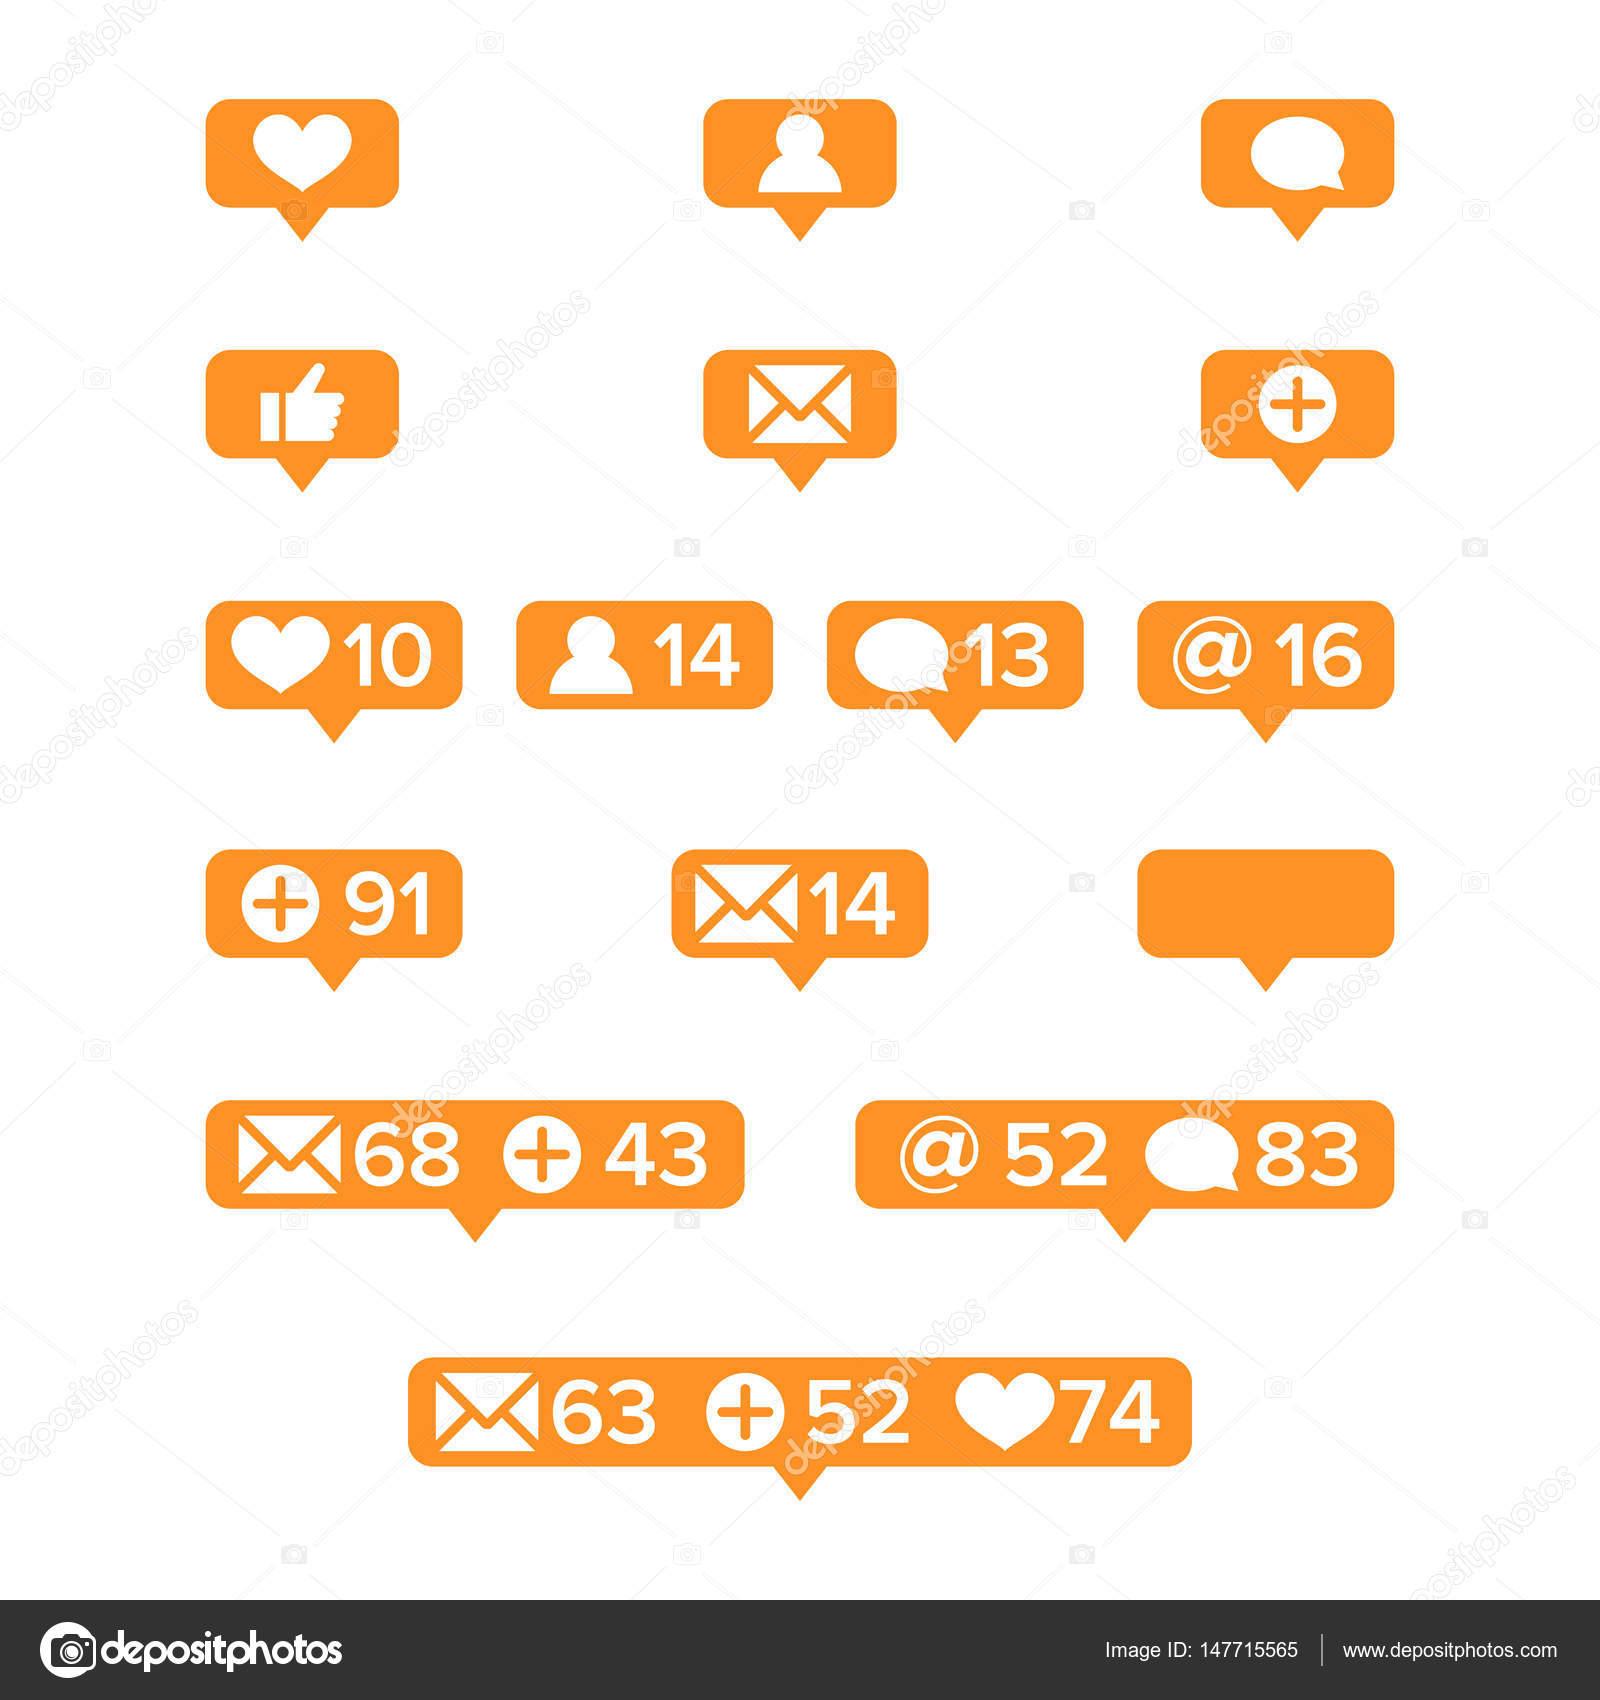 Benachrichtigungen Symbole Vorlage Vektor. Soziales Netzwerk app ...